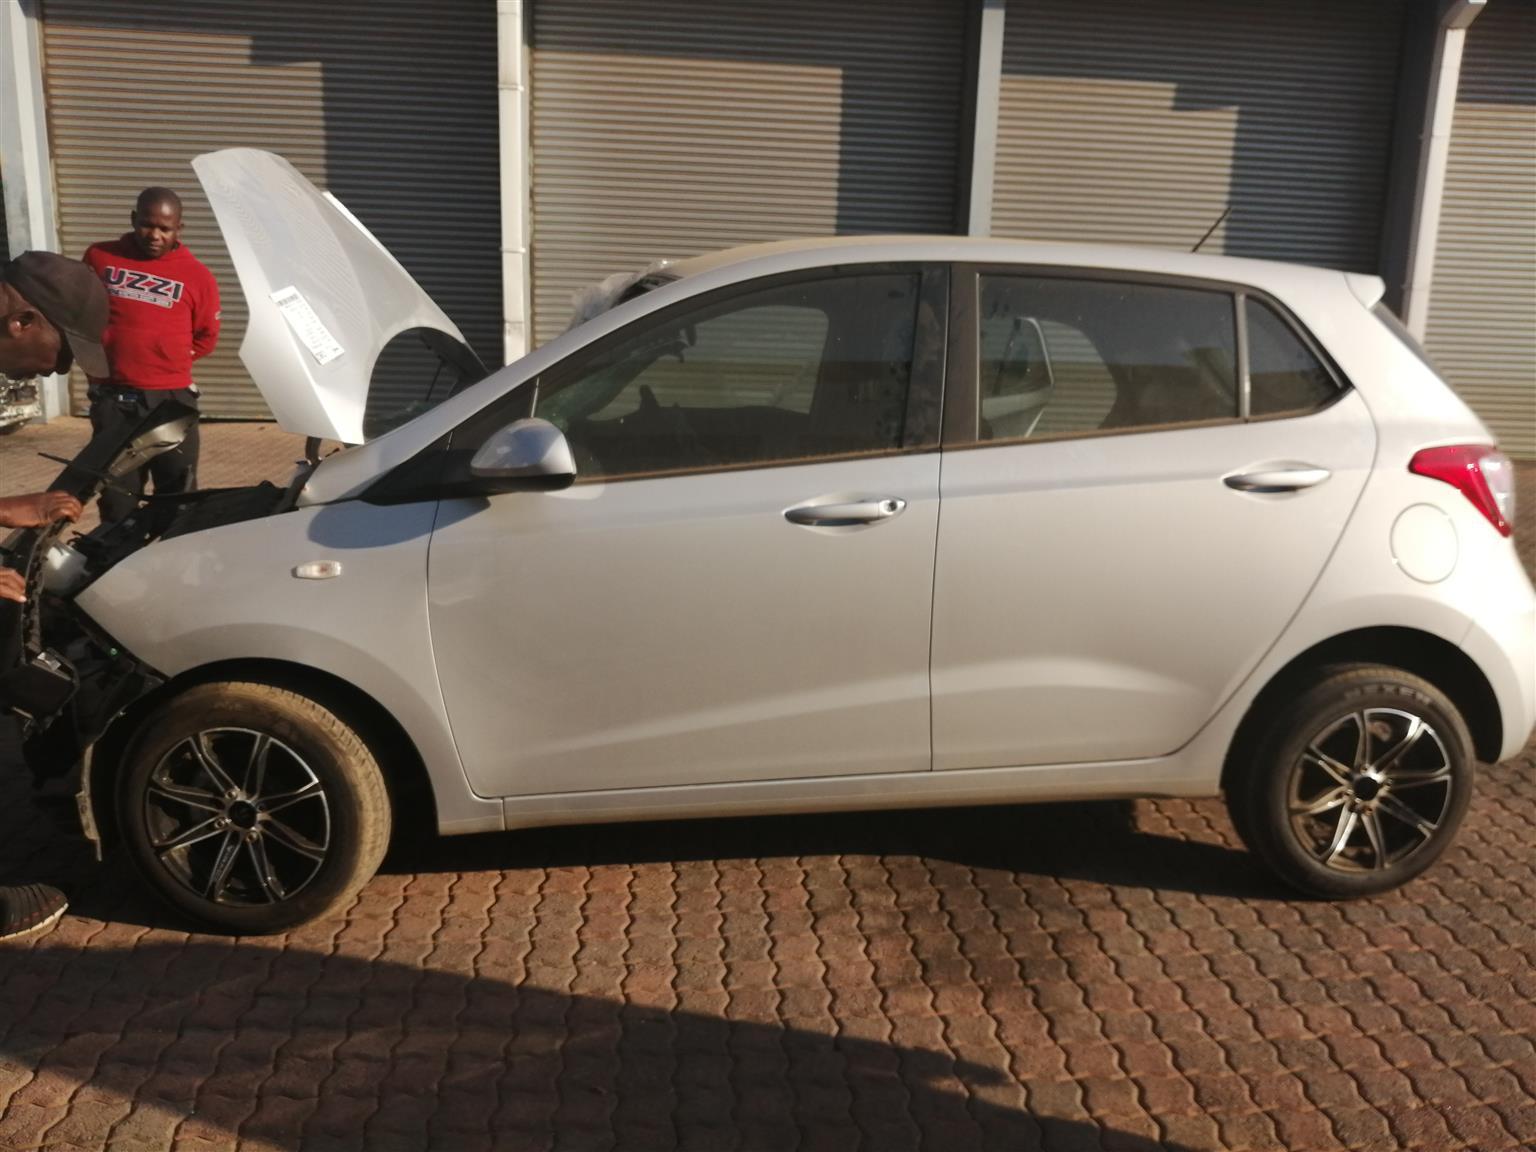 Hyundai Grand I10 Spares For Sale